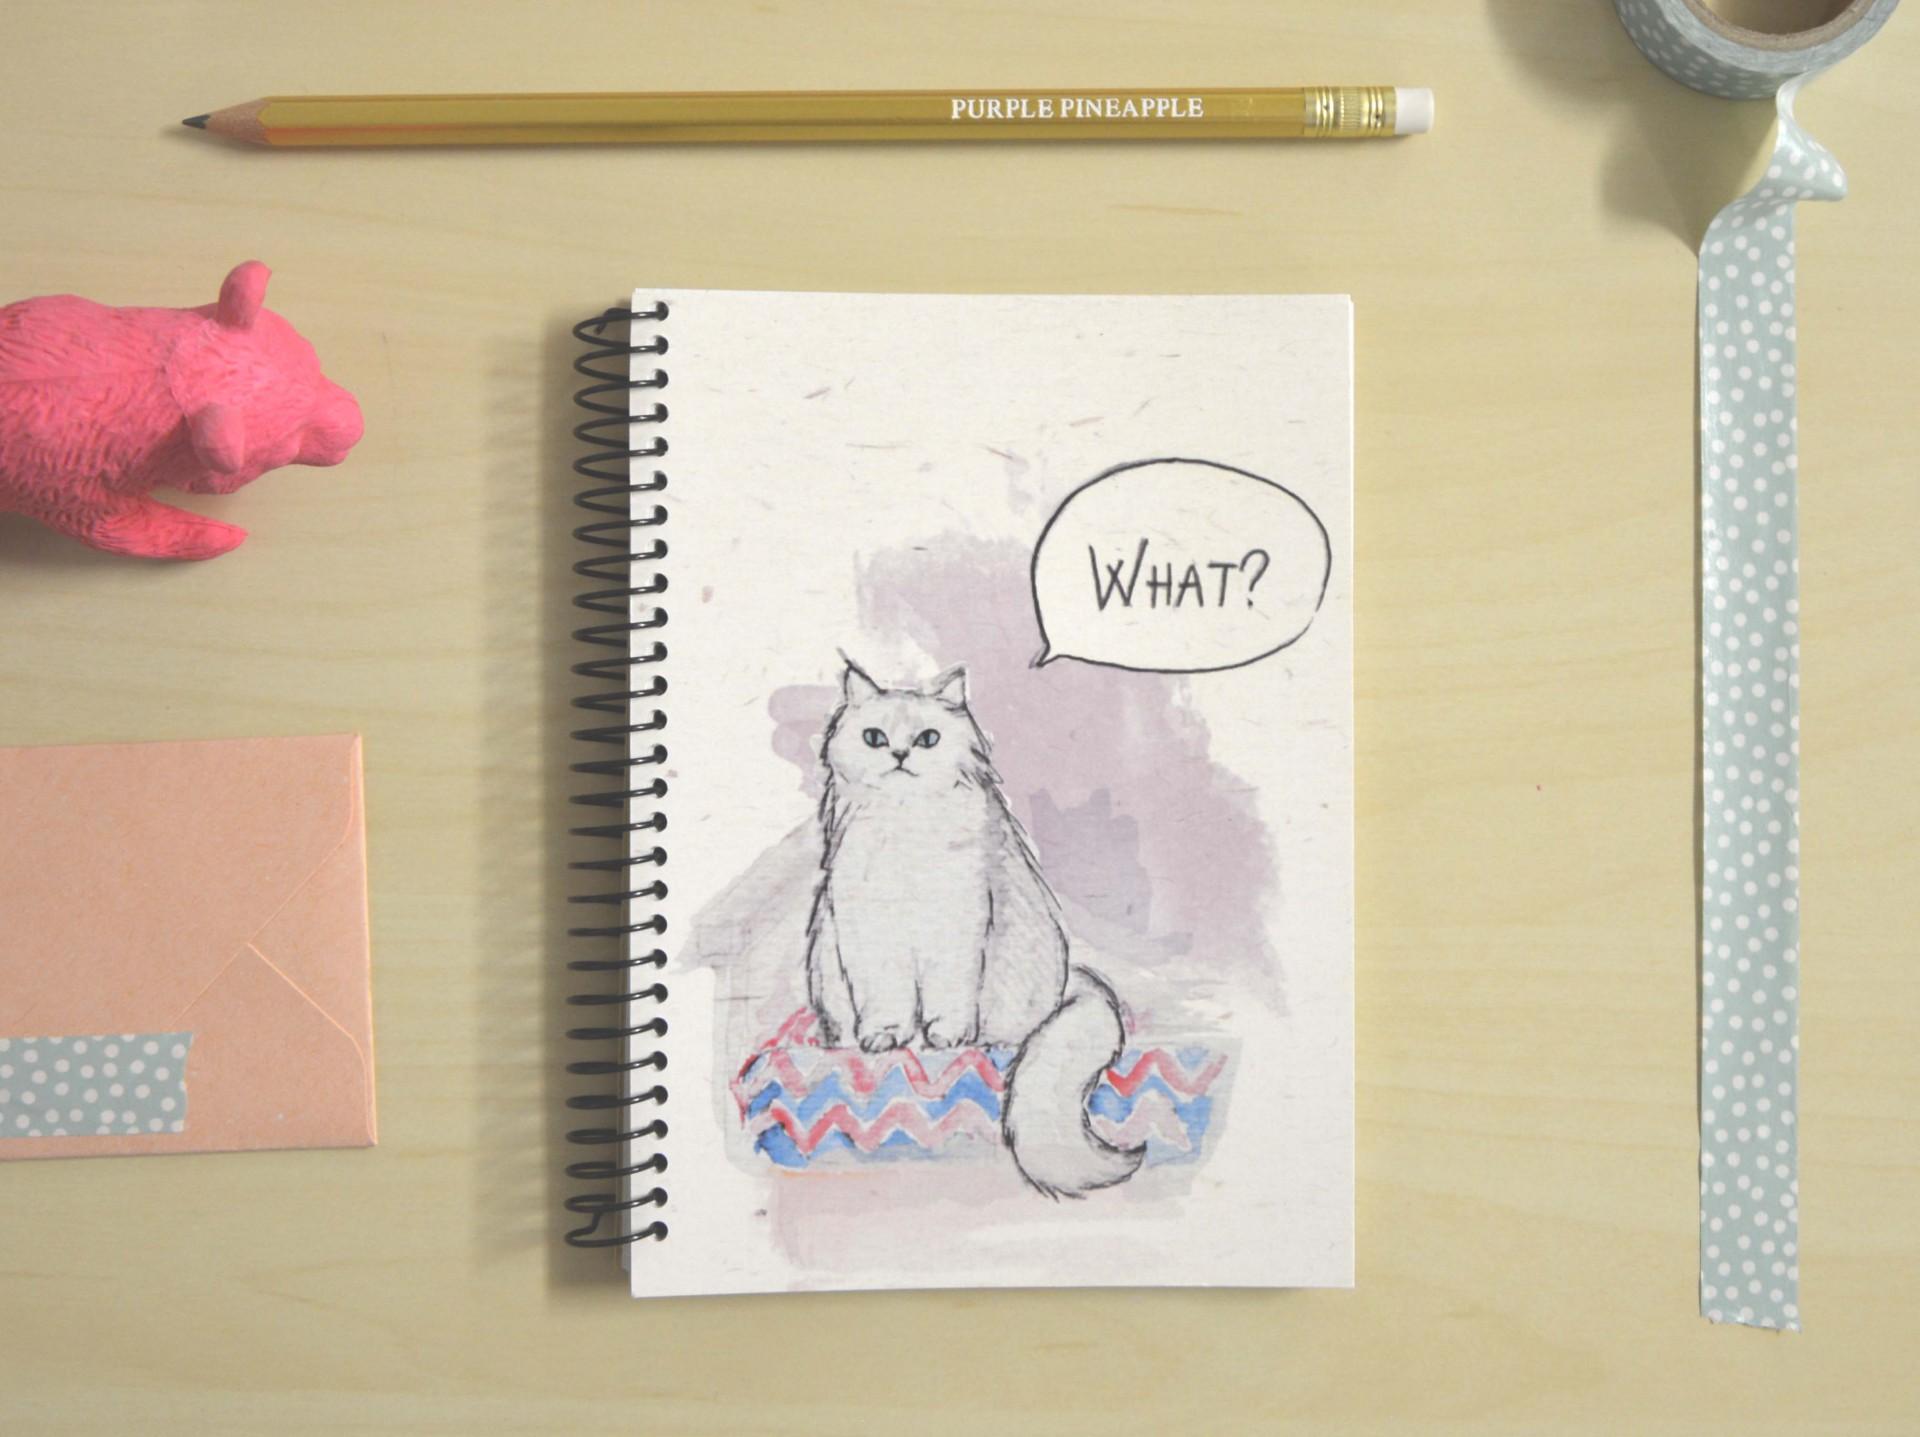 Cat - What?